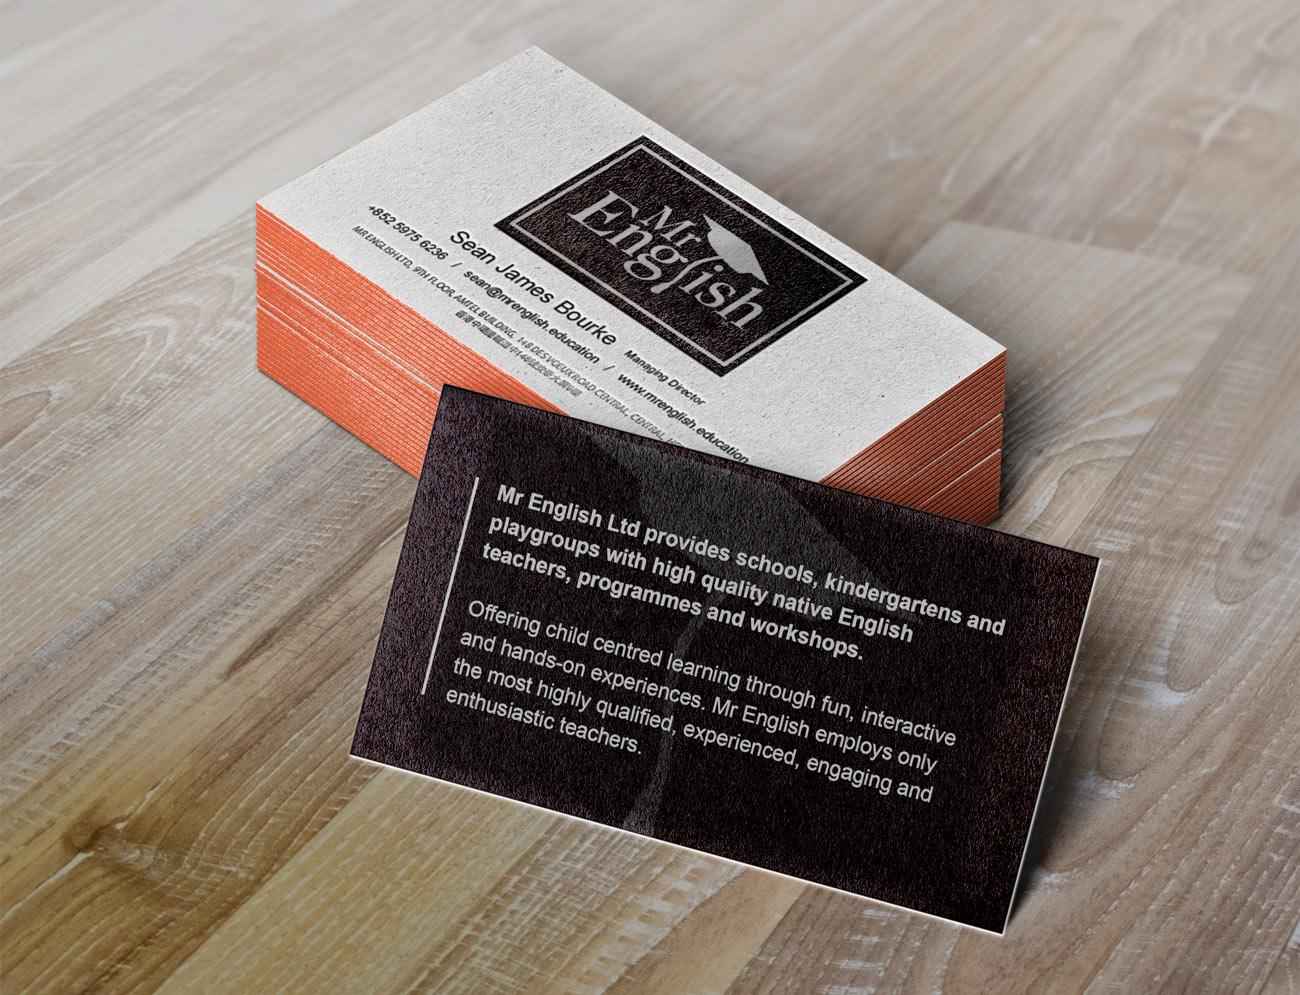 mr-english-logo-design-letterpress-business-cards-mockup